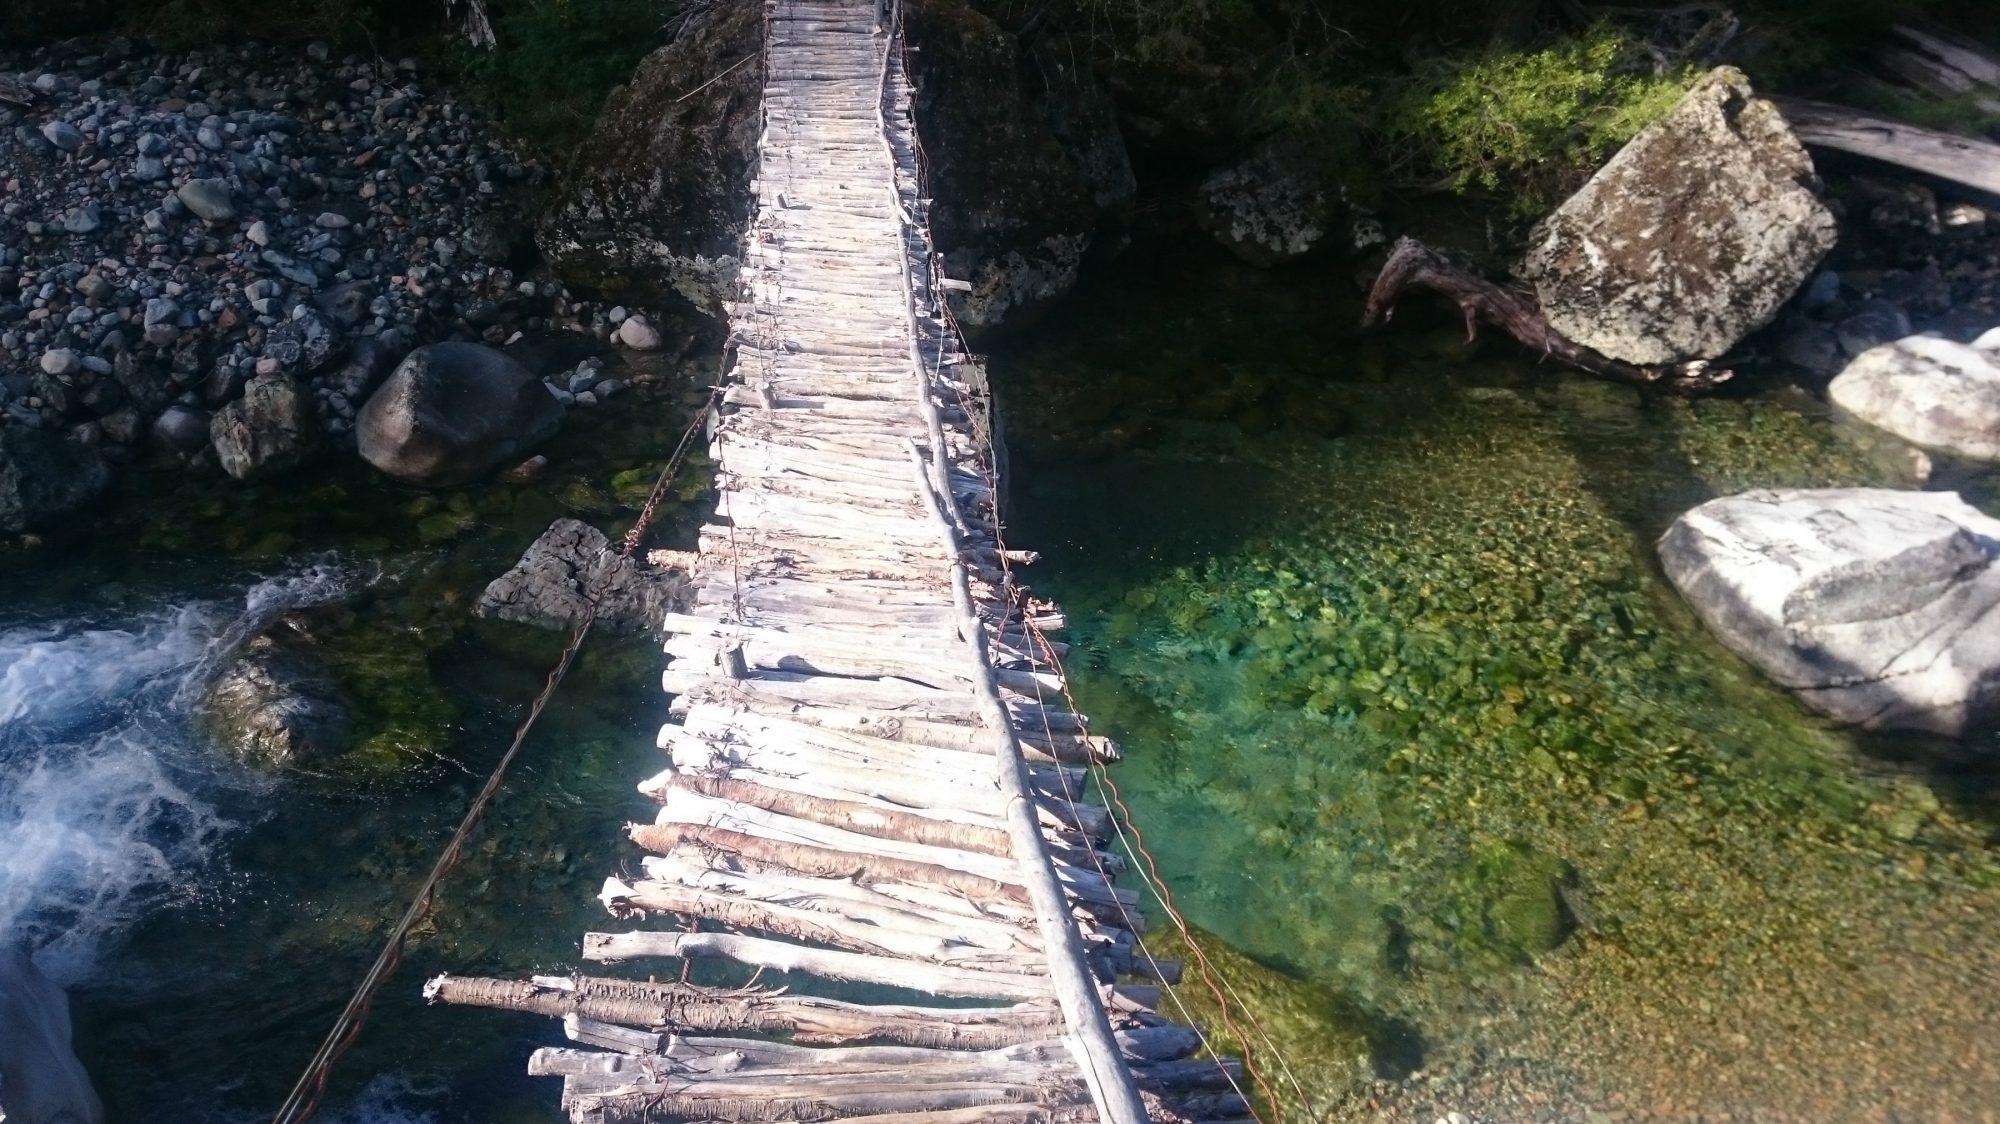 Fjella El Bolson Brücke Encanto Blanco Wanderung Patagonien Warton Dedo Gordo Encanto Blanco Wanderroute Wandern